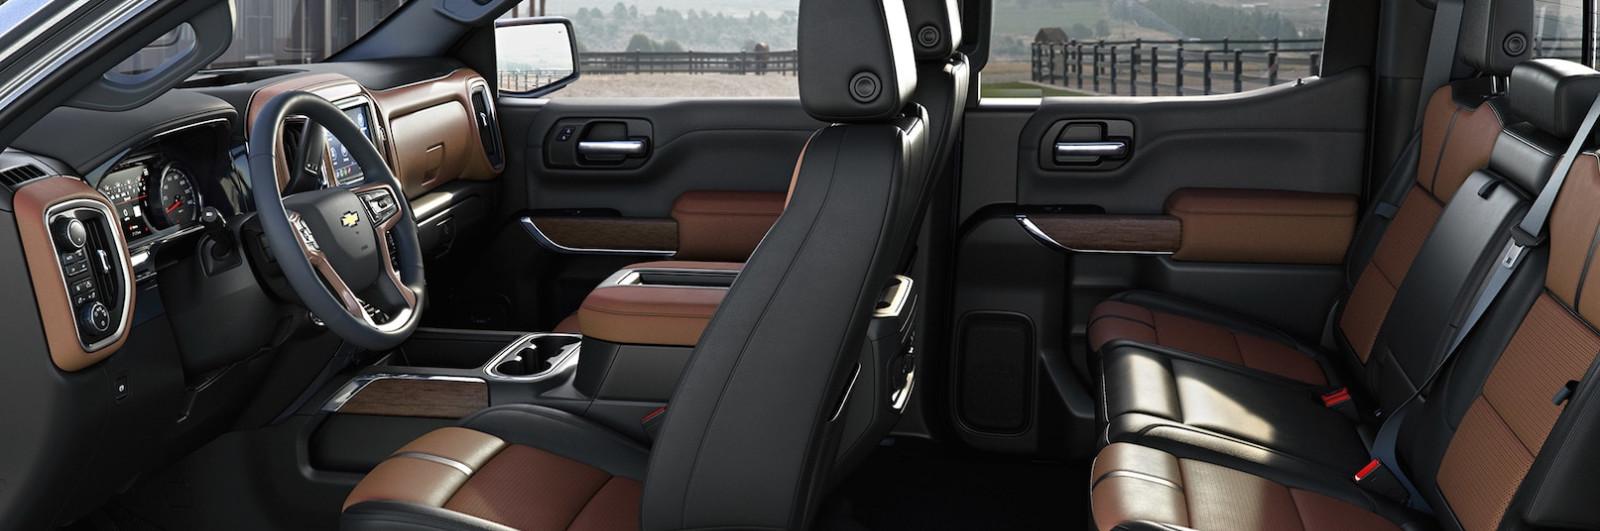 Interior of the Chevrolet Silverado 1500